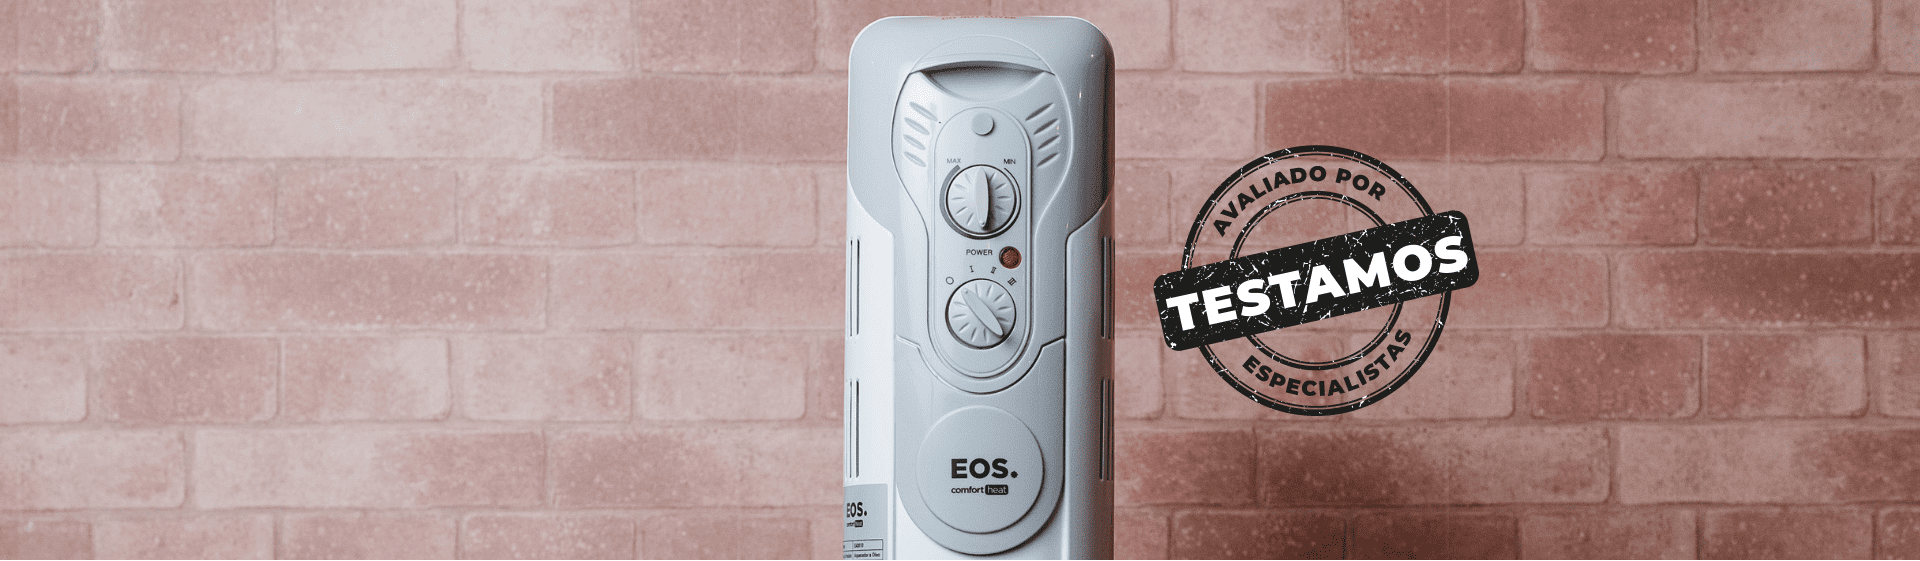 Aquecedor Elétrico EOS Comfort Heat: aparelho é silencioso e deixa o ambiente confortável